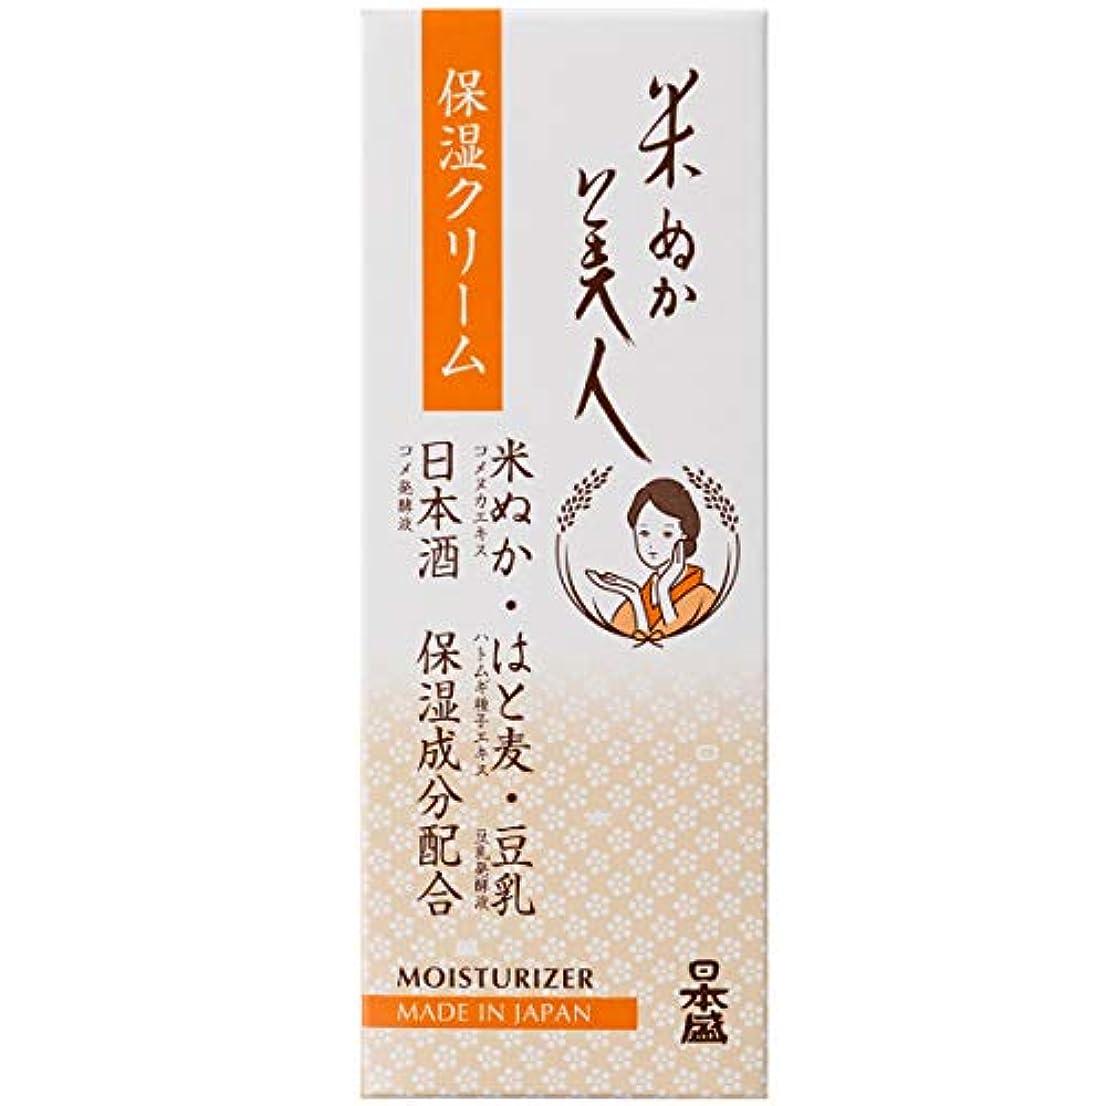 ファランクスどちらかブラウス日本盛 米ぬか美人 保湿クリーム 35g(無香料 無着色 弱酸性)